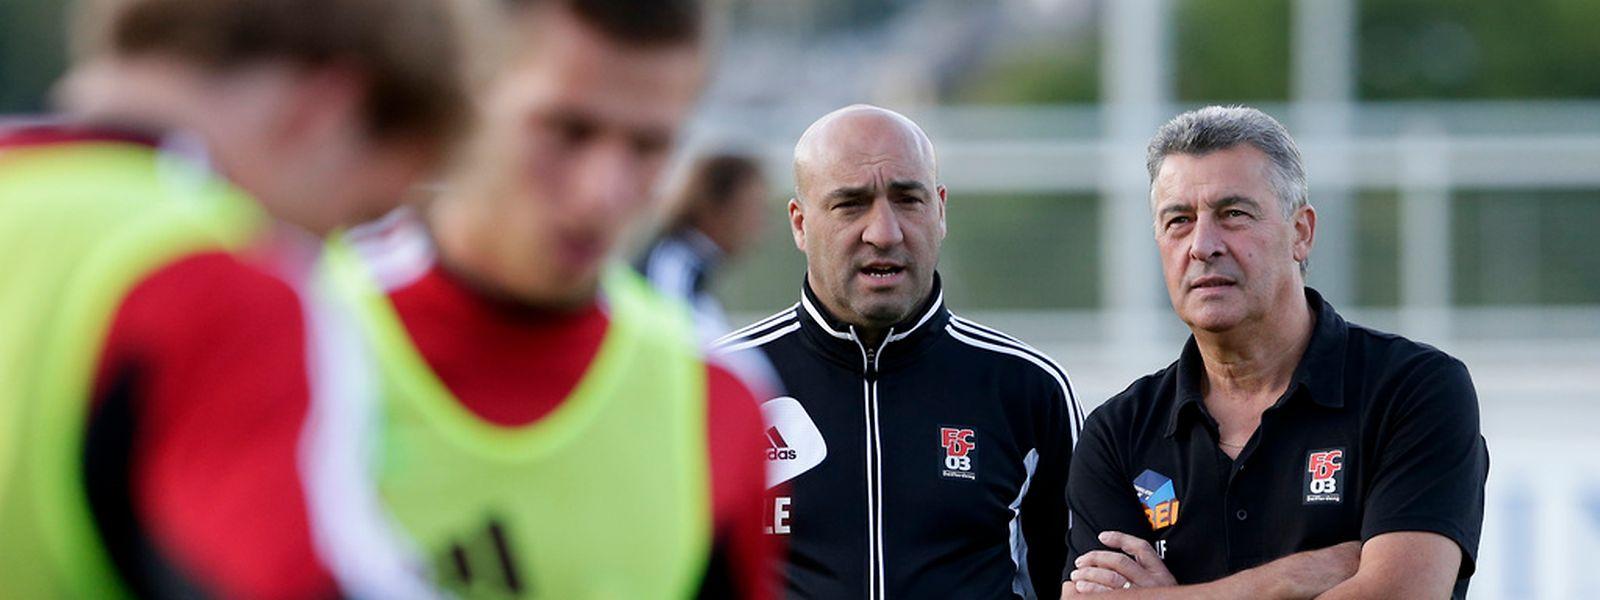 Michael Leflochmoan und Emilio Lobo werden beim Pokalfinale am Freitag letztmals für Differdingen auf der Trainerbank sitzen.